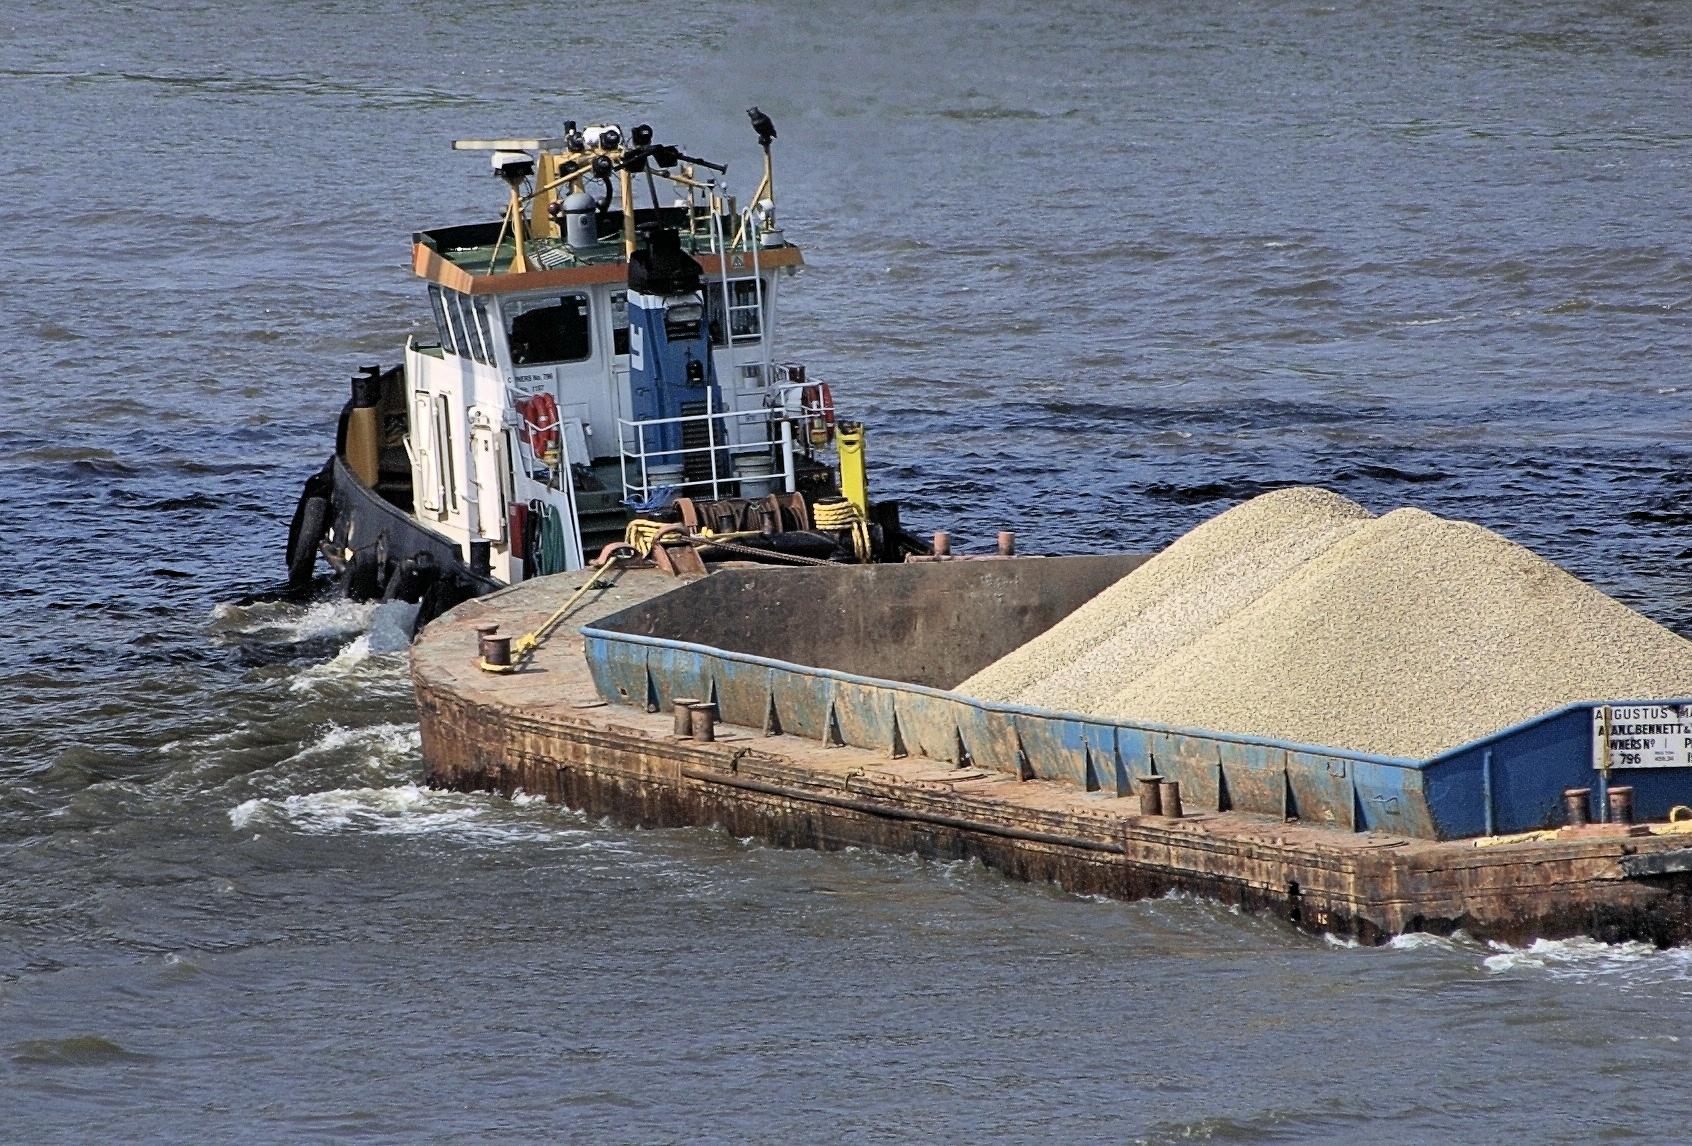 Thames_gravel_barge.jpg